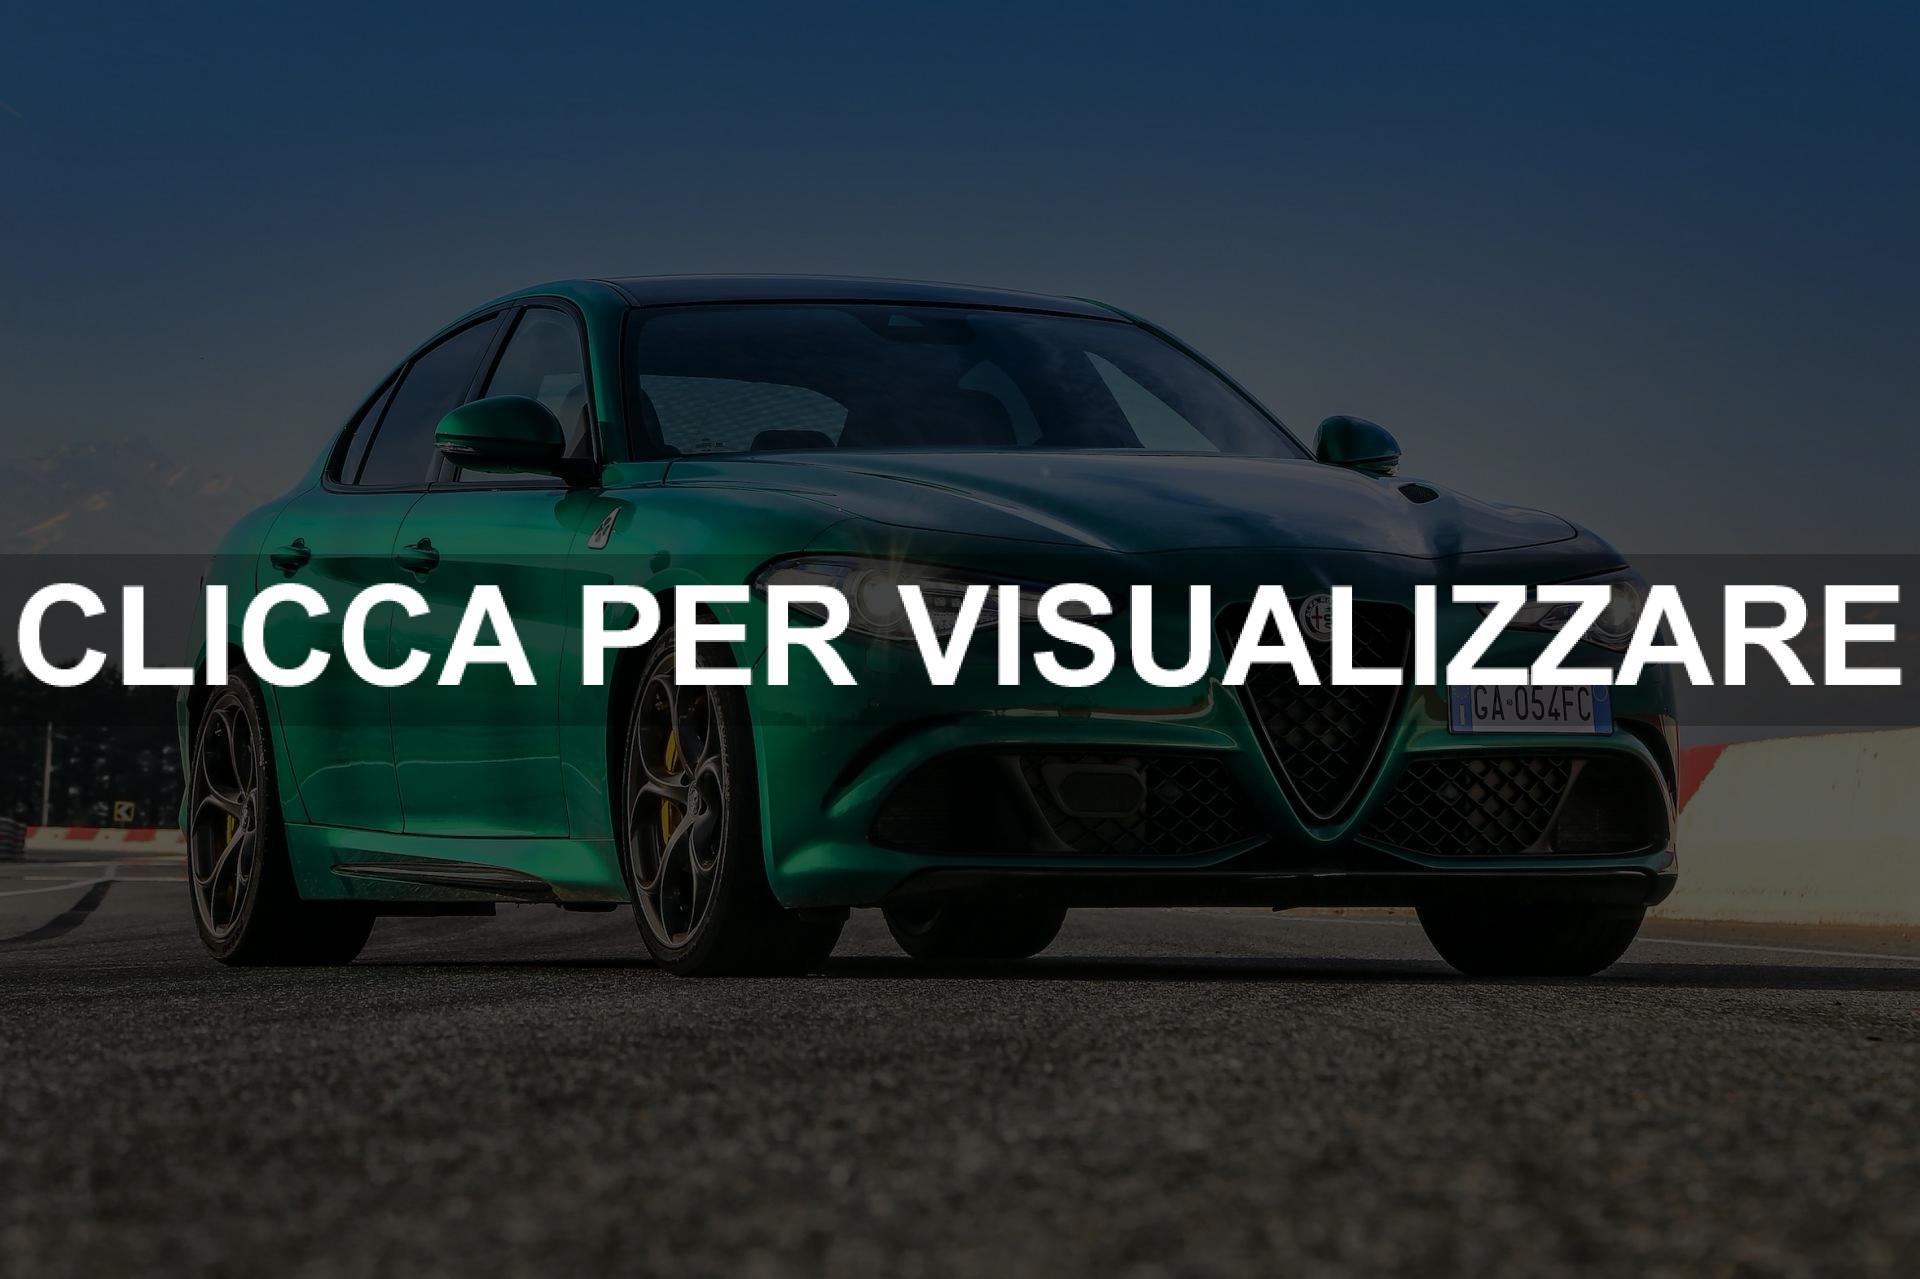 Immagini Frontale Nuova Alfa Romeo Giulia Quadrifoglio 2020